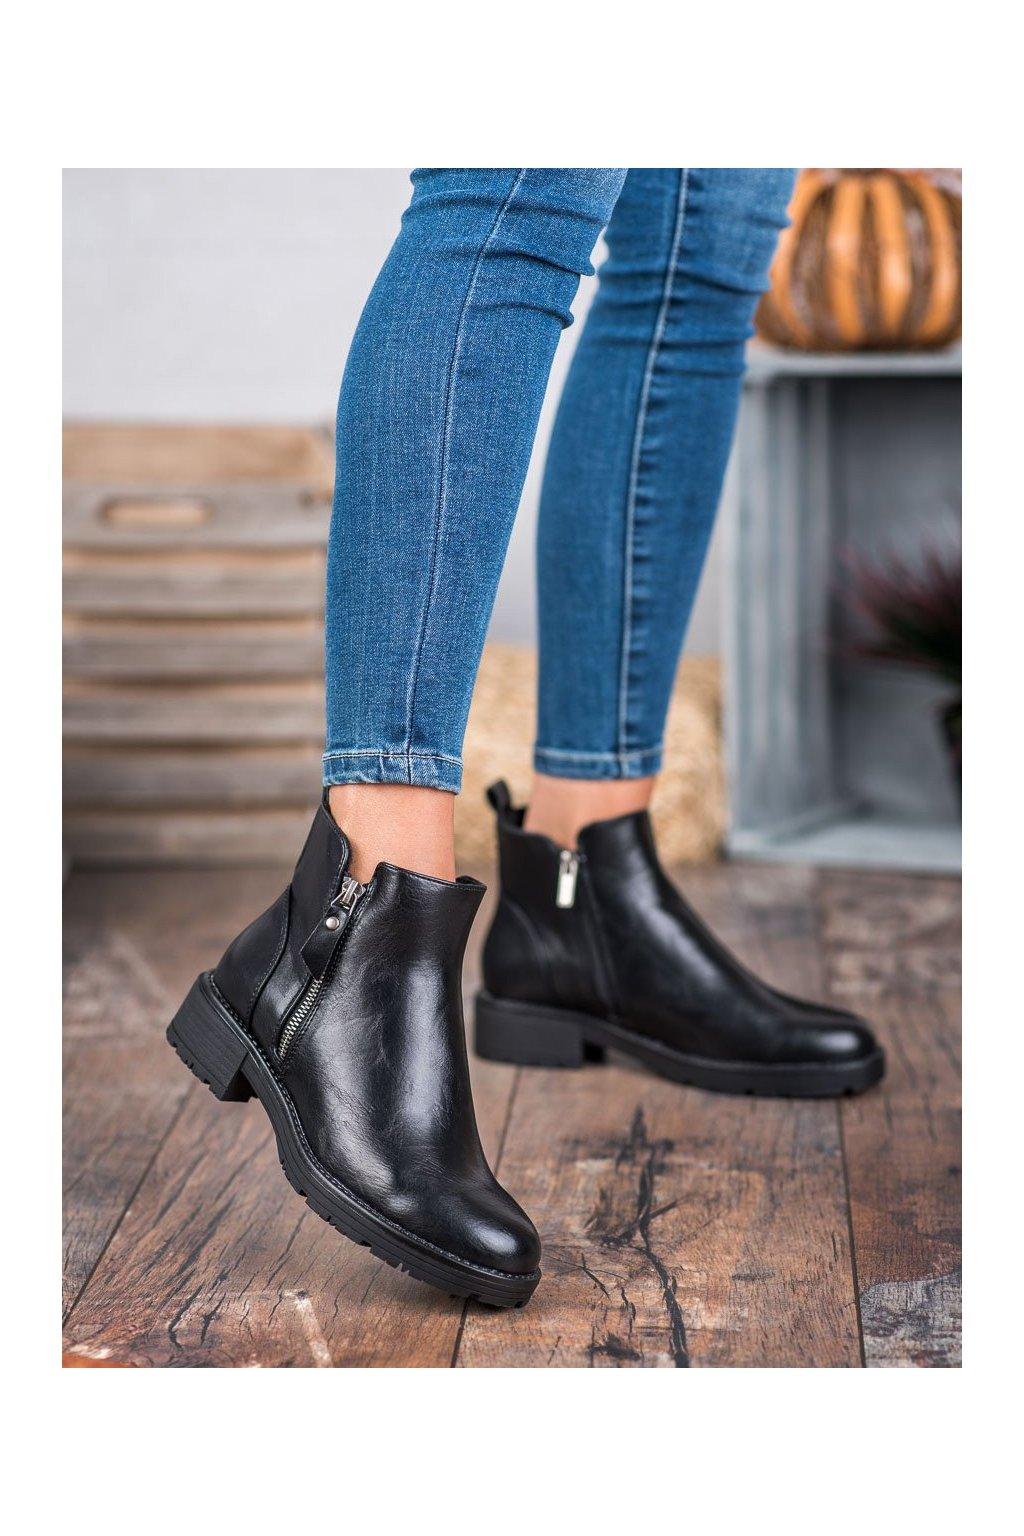 Čierne dámske topánky na plochom podpätku Vinceza kod XY20-10479B